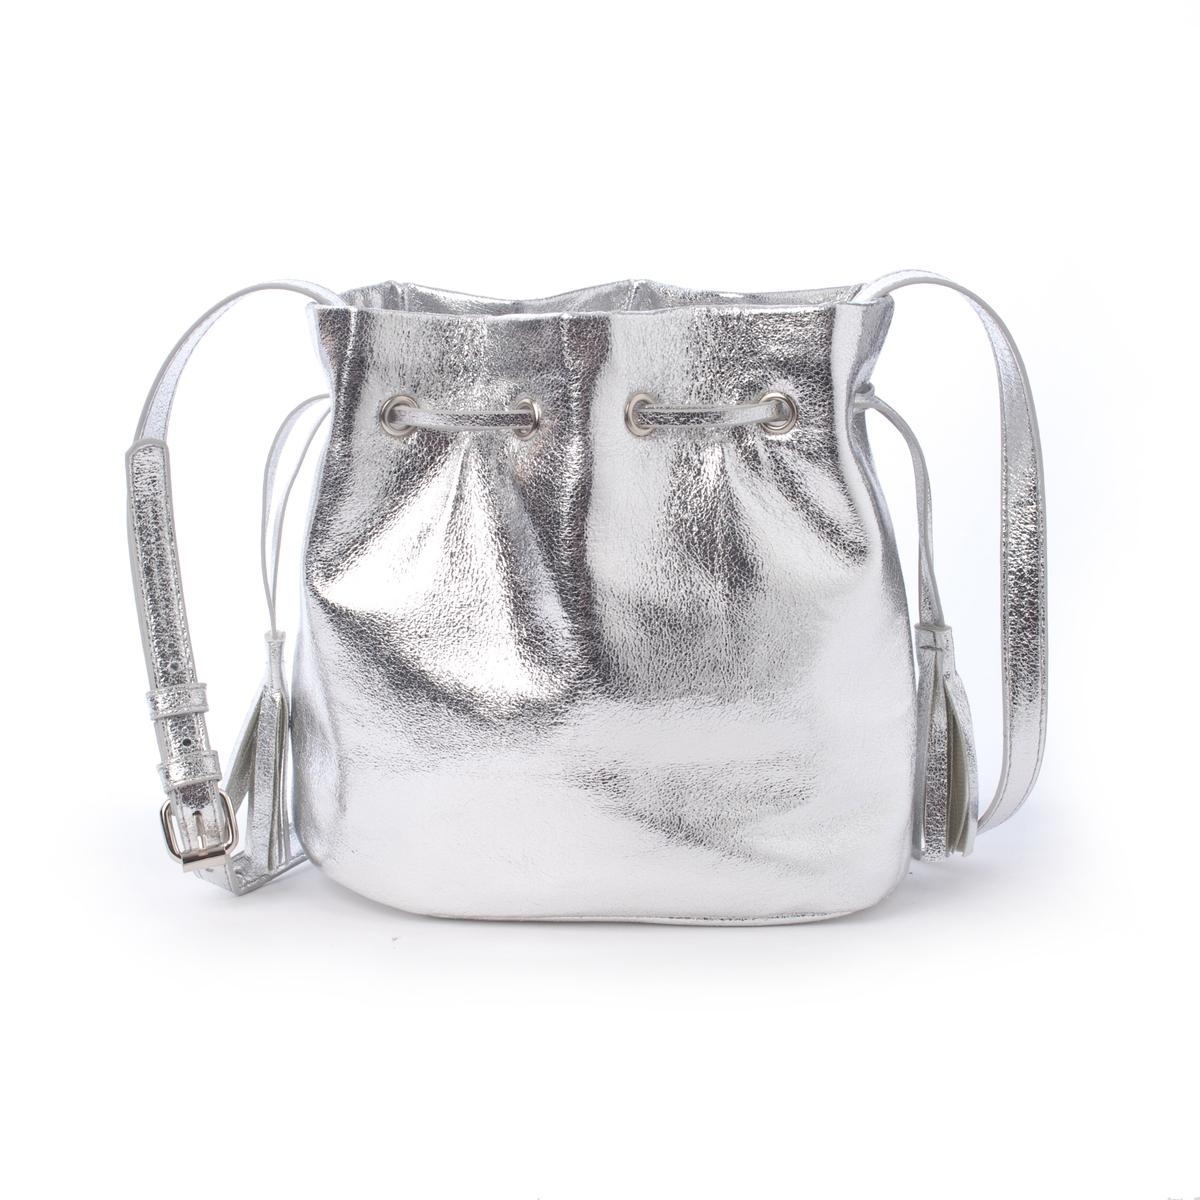 Сумка-торба с металлизированным волокном